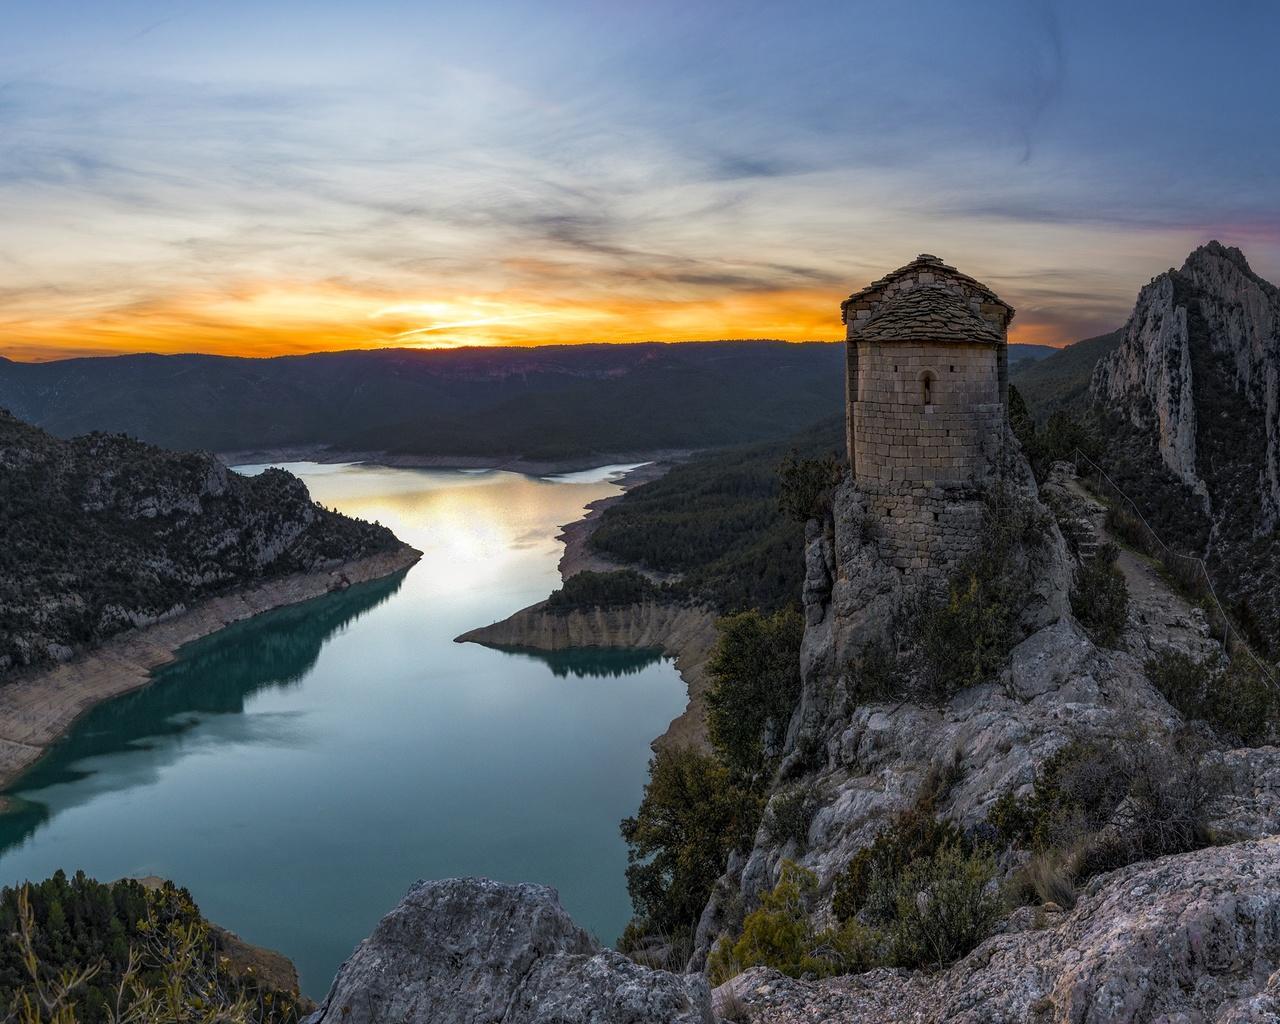 пейзаж, горы, природа, река, скалы, церковь, испания, каталония, святилище